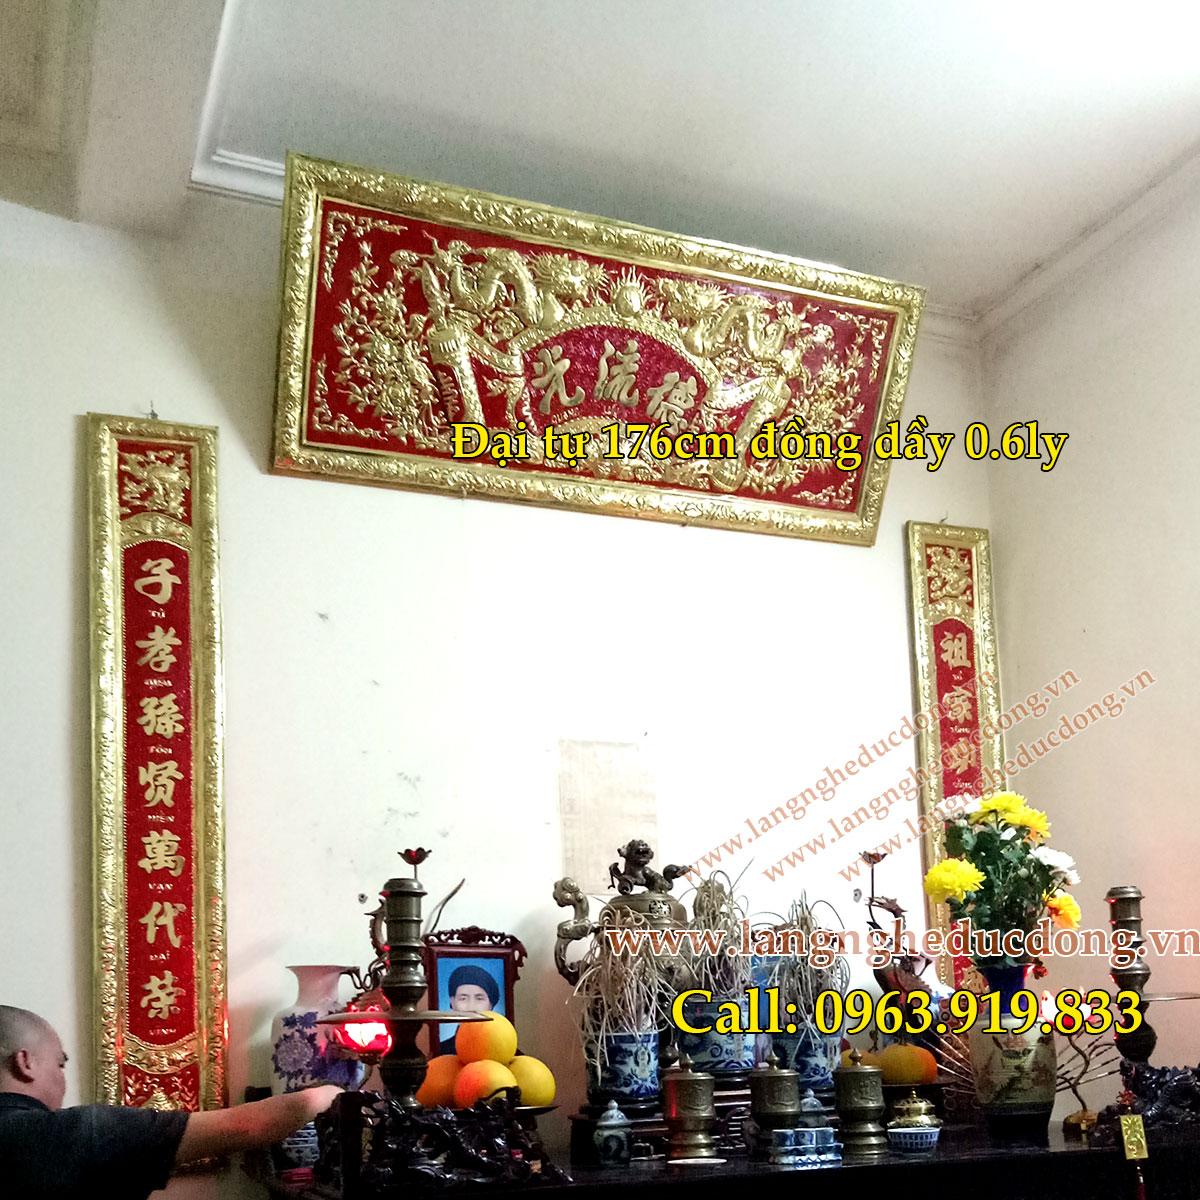 langngheducdong.vn - đại tự, cuốn thư, đồ thờ cúng, đồ đồng, câu đối